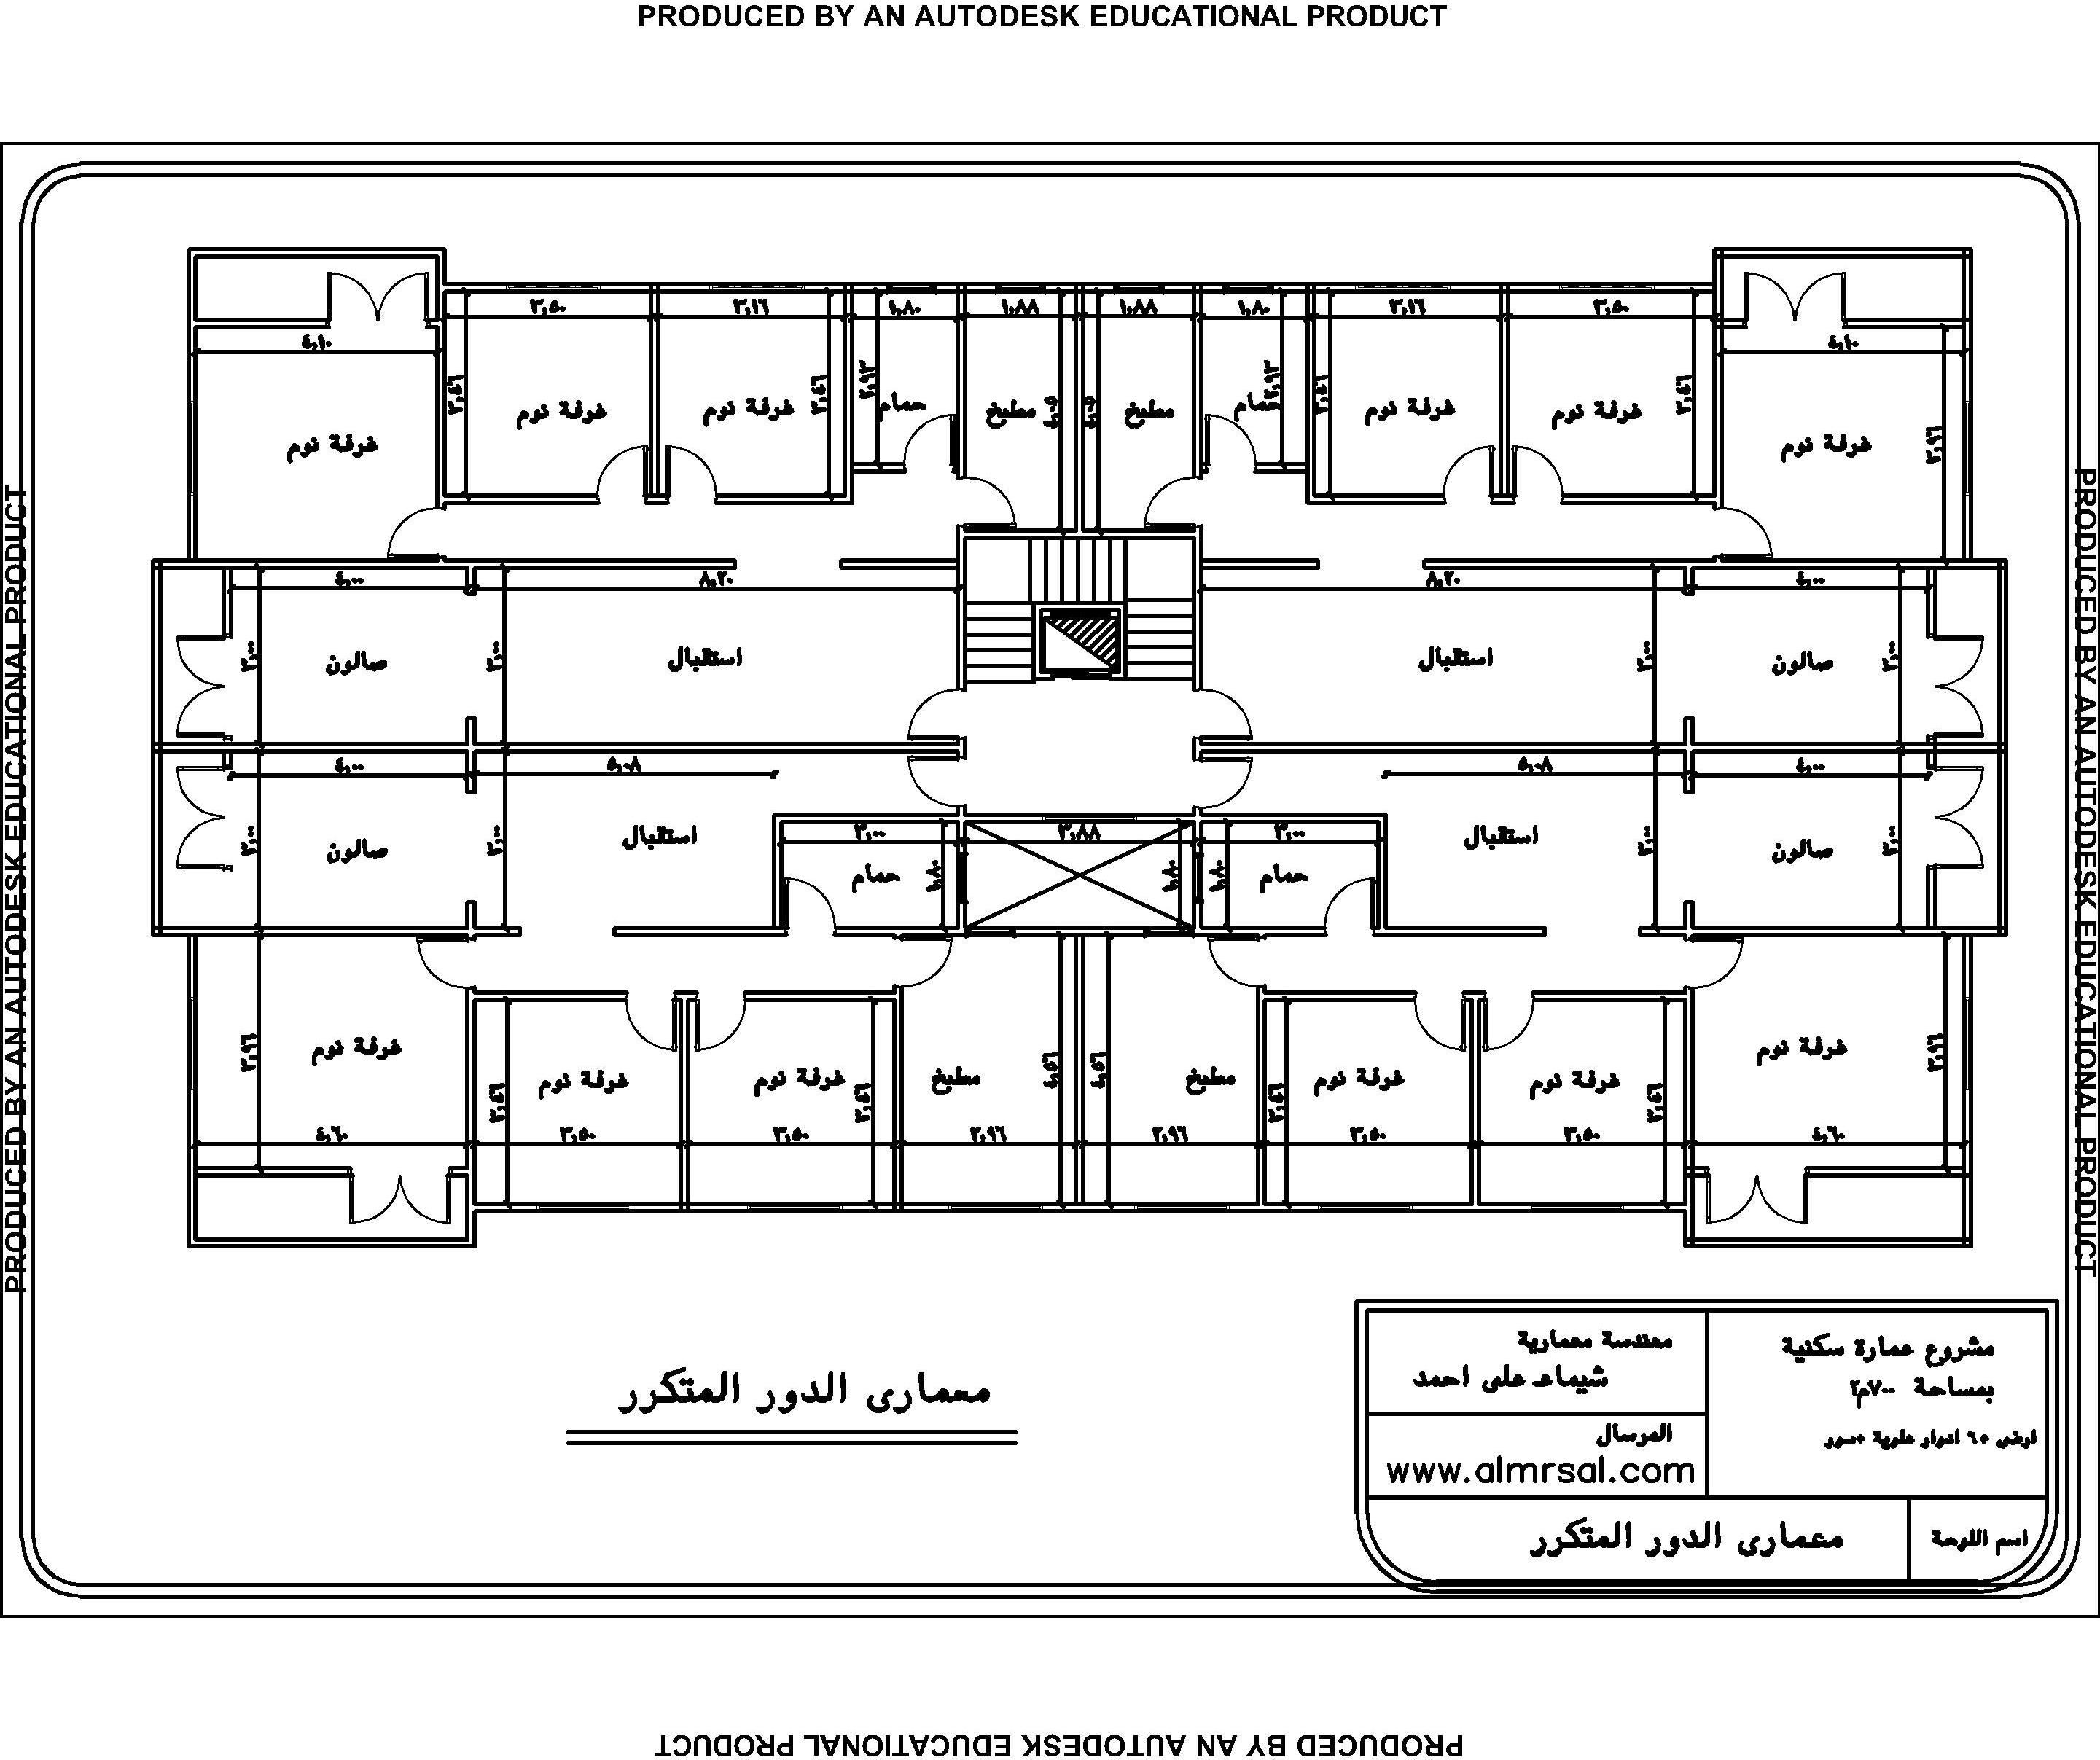 معماري الدور المتكرر لعمارة سكنية 700م2